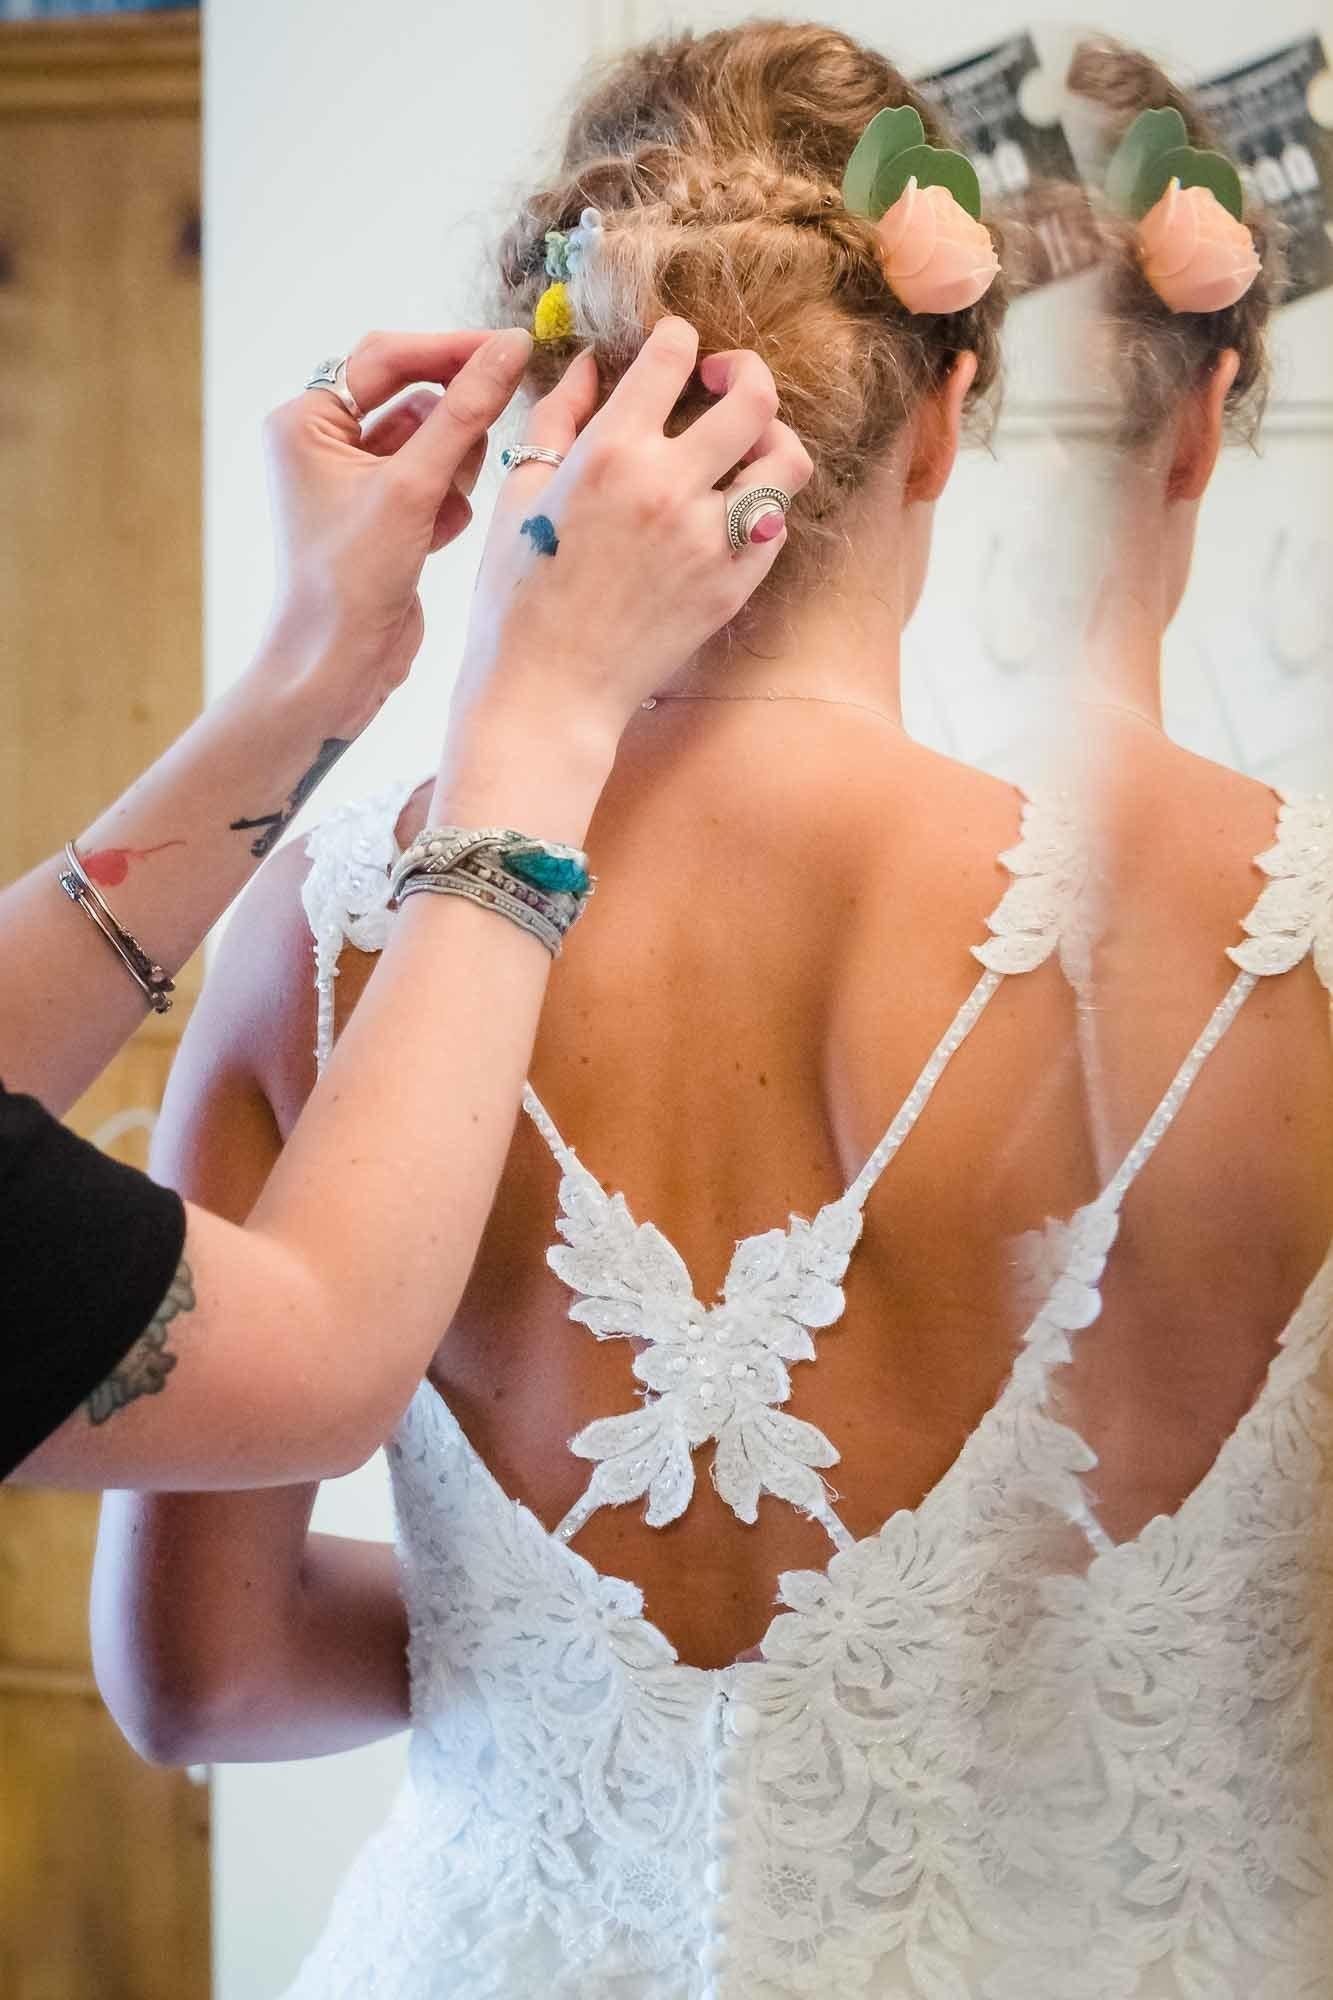 Frisur der Braut wird zurechtgezupft